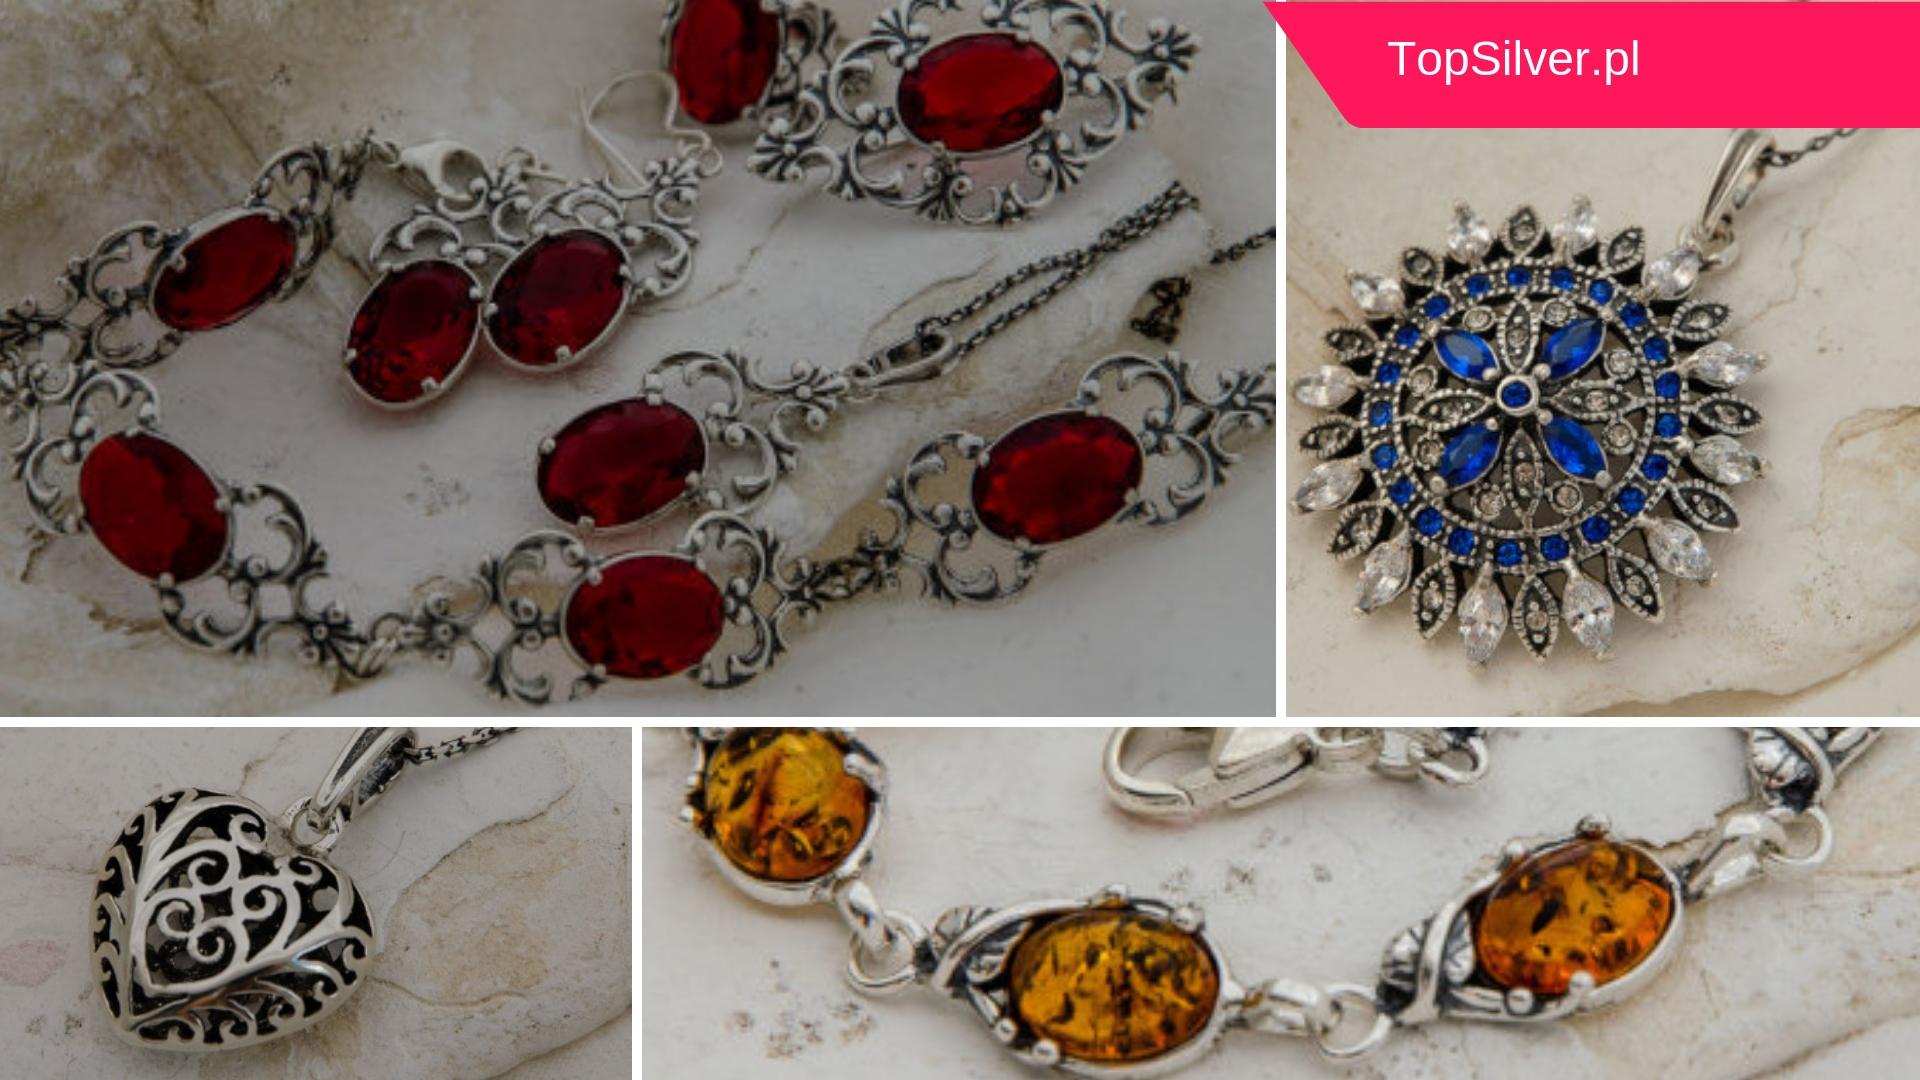 Biżuteria jako prezent na Boże Narodzenie